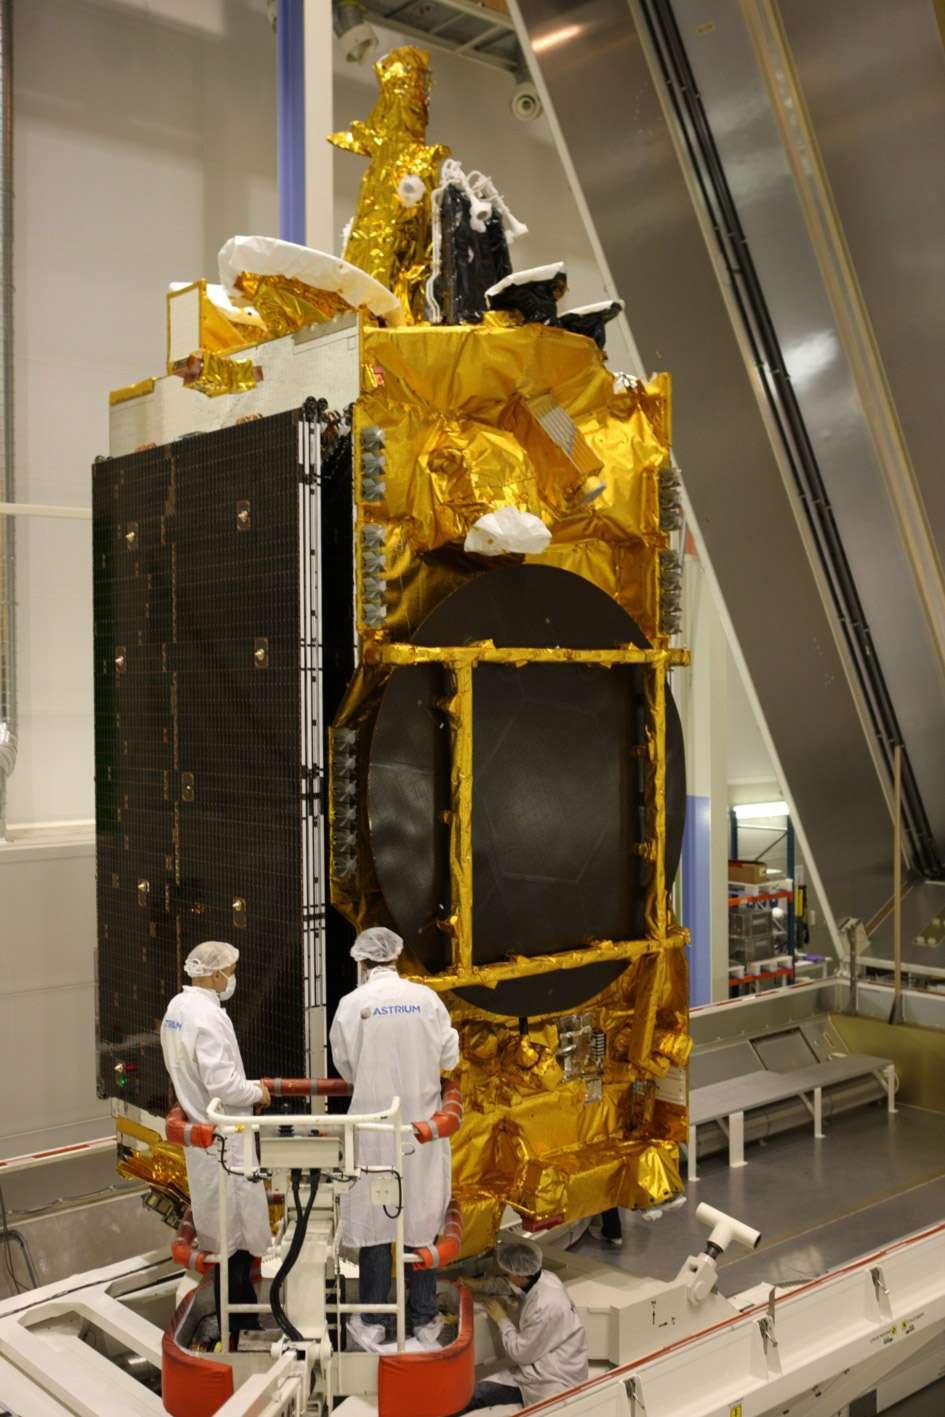 Le satellite Yahsat Y1A sera le premier satellite des Émirats arabes unis lancé par Arianespace. On le voit ici mis en container dans l'usine toulousaine d'Astrium, avant son départ vers Kourou (fevrier 2011). © Astrium/D. Marques